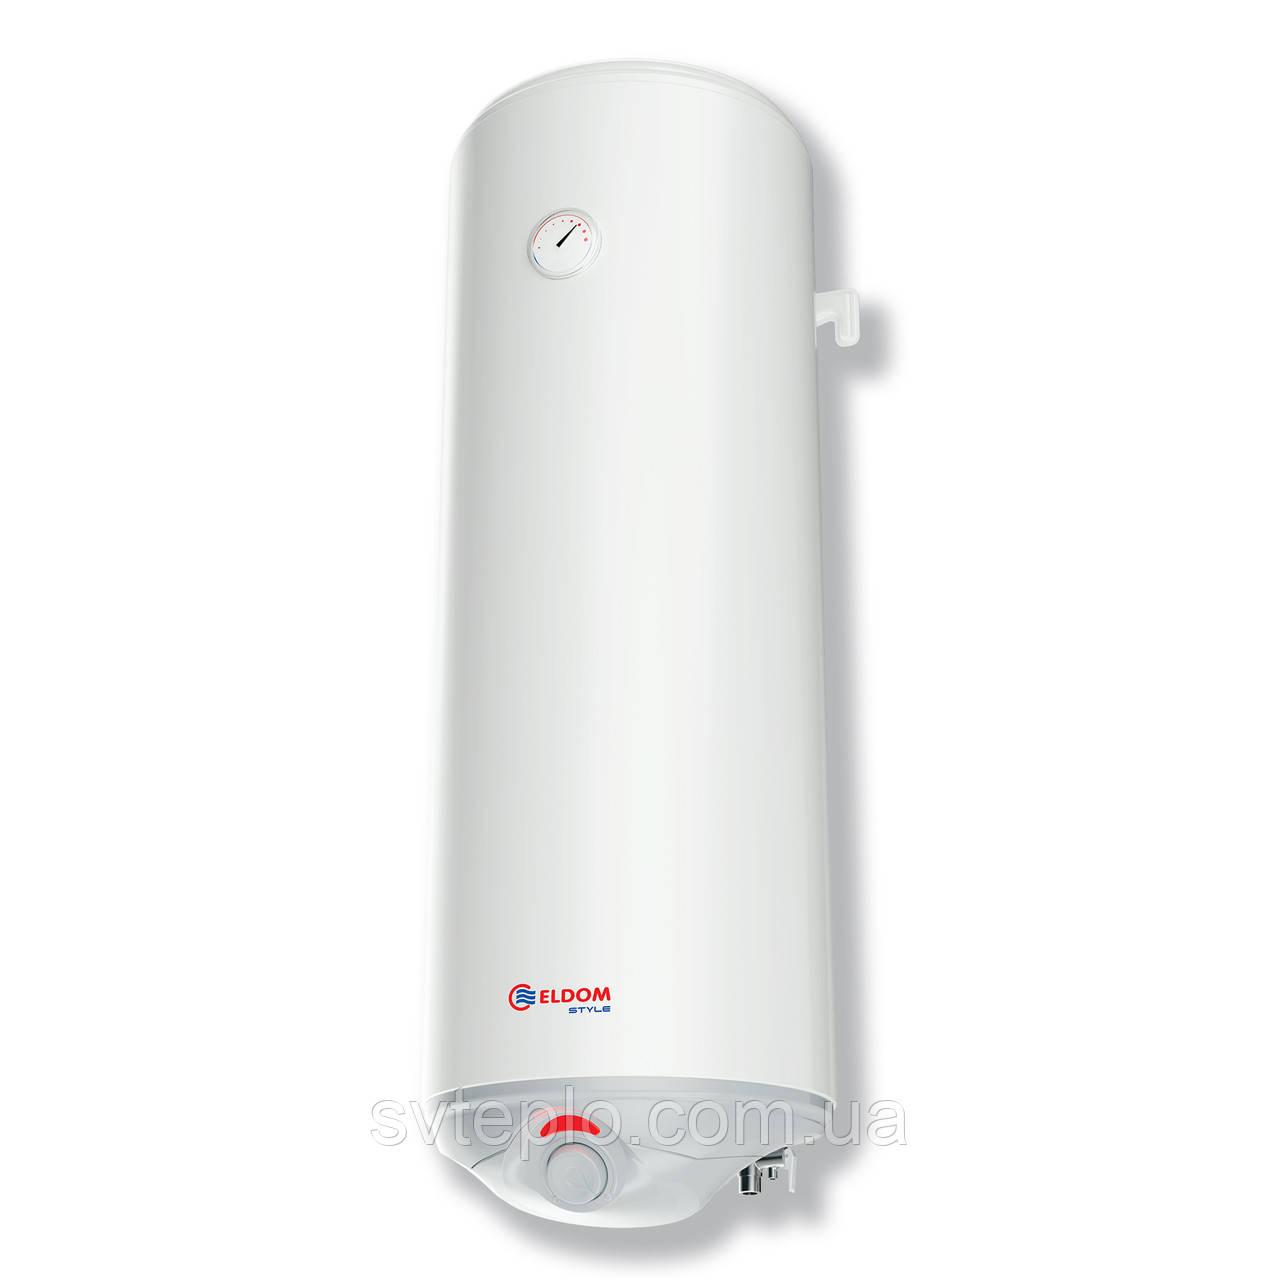 Электрический водонагреватель Eldom Style Dry 80 Slim